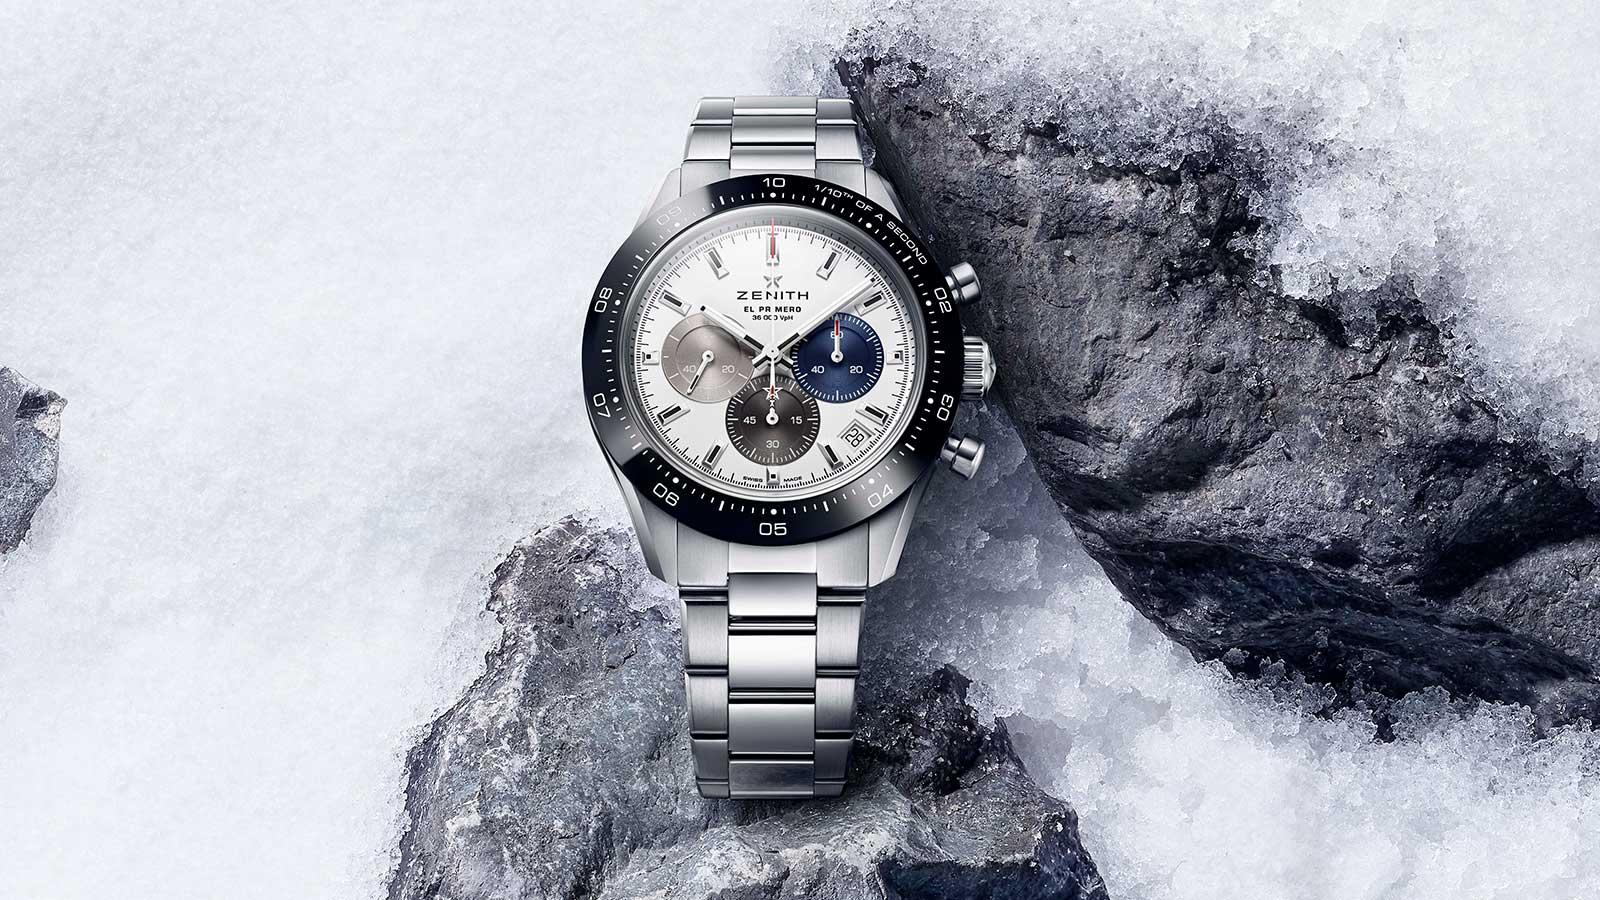 ZENITH Chronomaster Sport umgeben von Schnee und Gestein